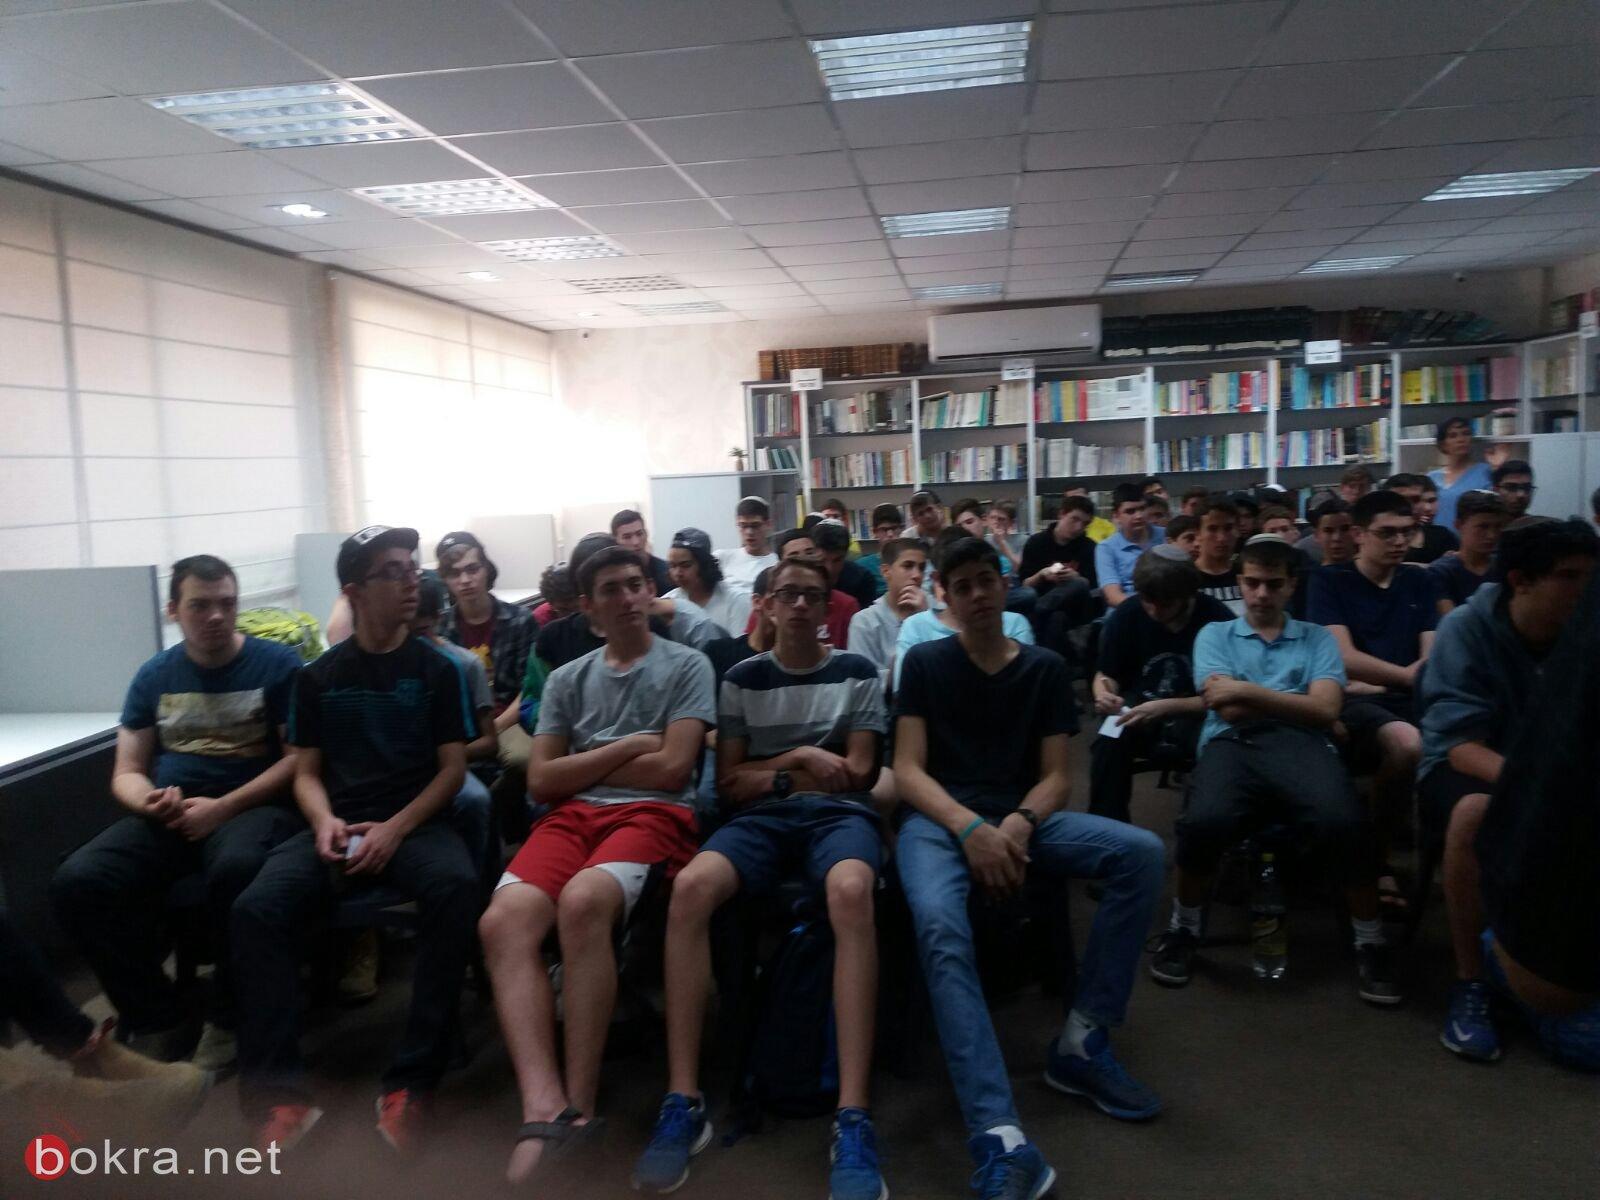 الثانوية الشاملة في كفر قاسم تستضيف مجموعة طلاب يهود ضمن برنامج التعرف على الاخر